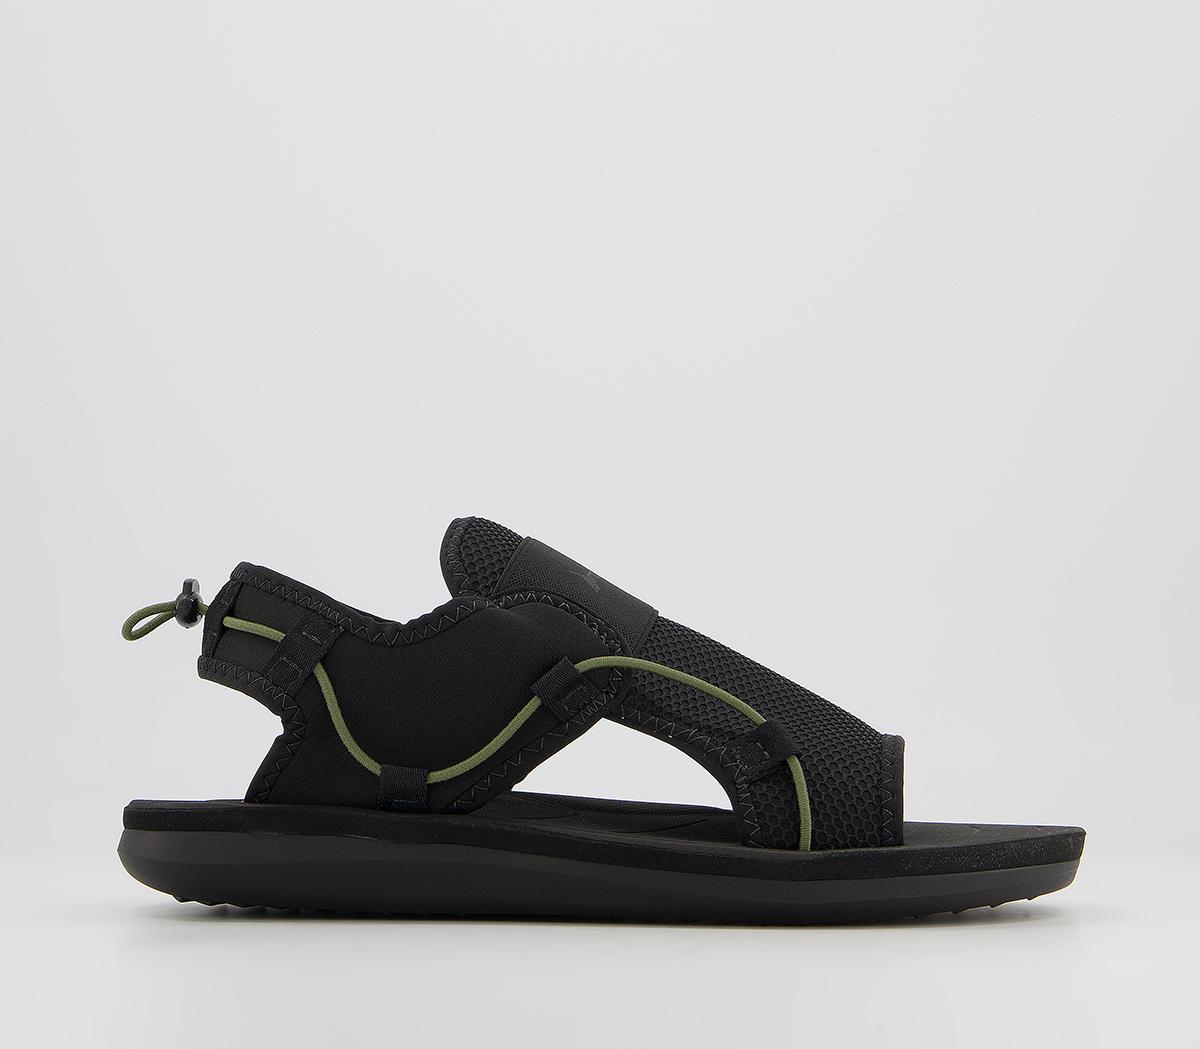 R2k Sandals